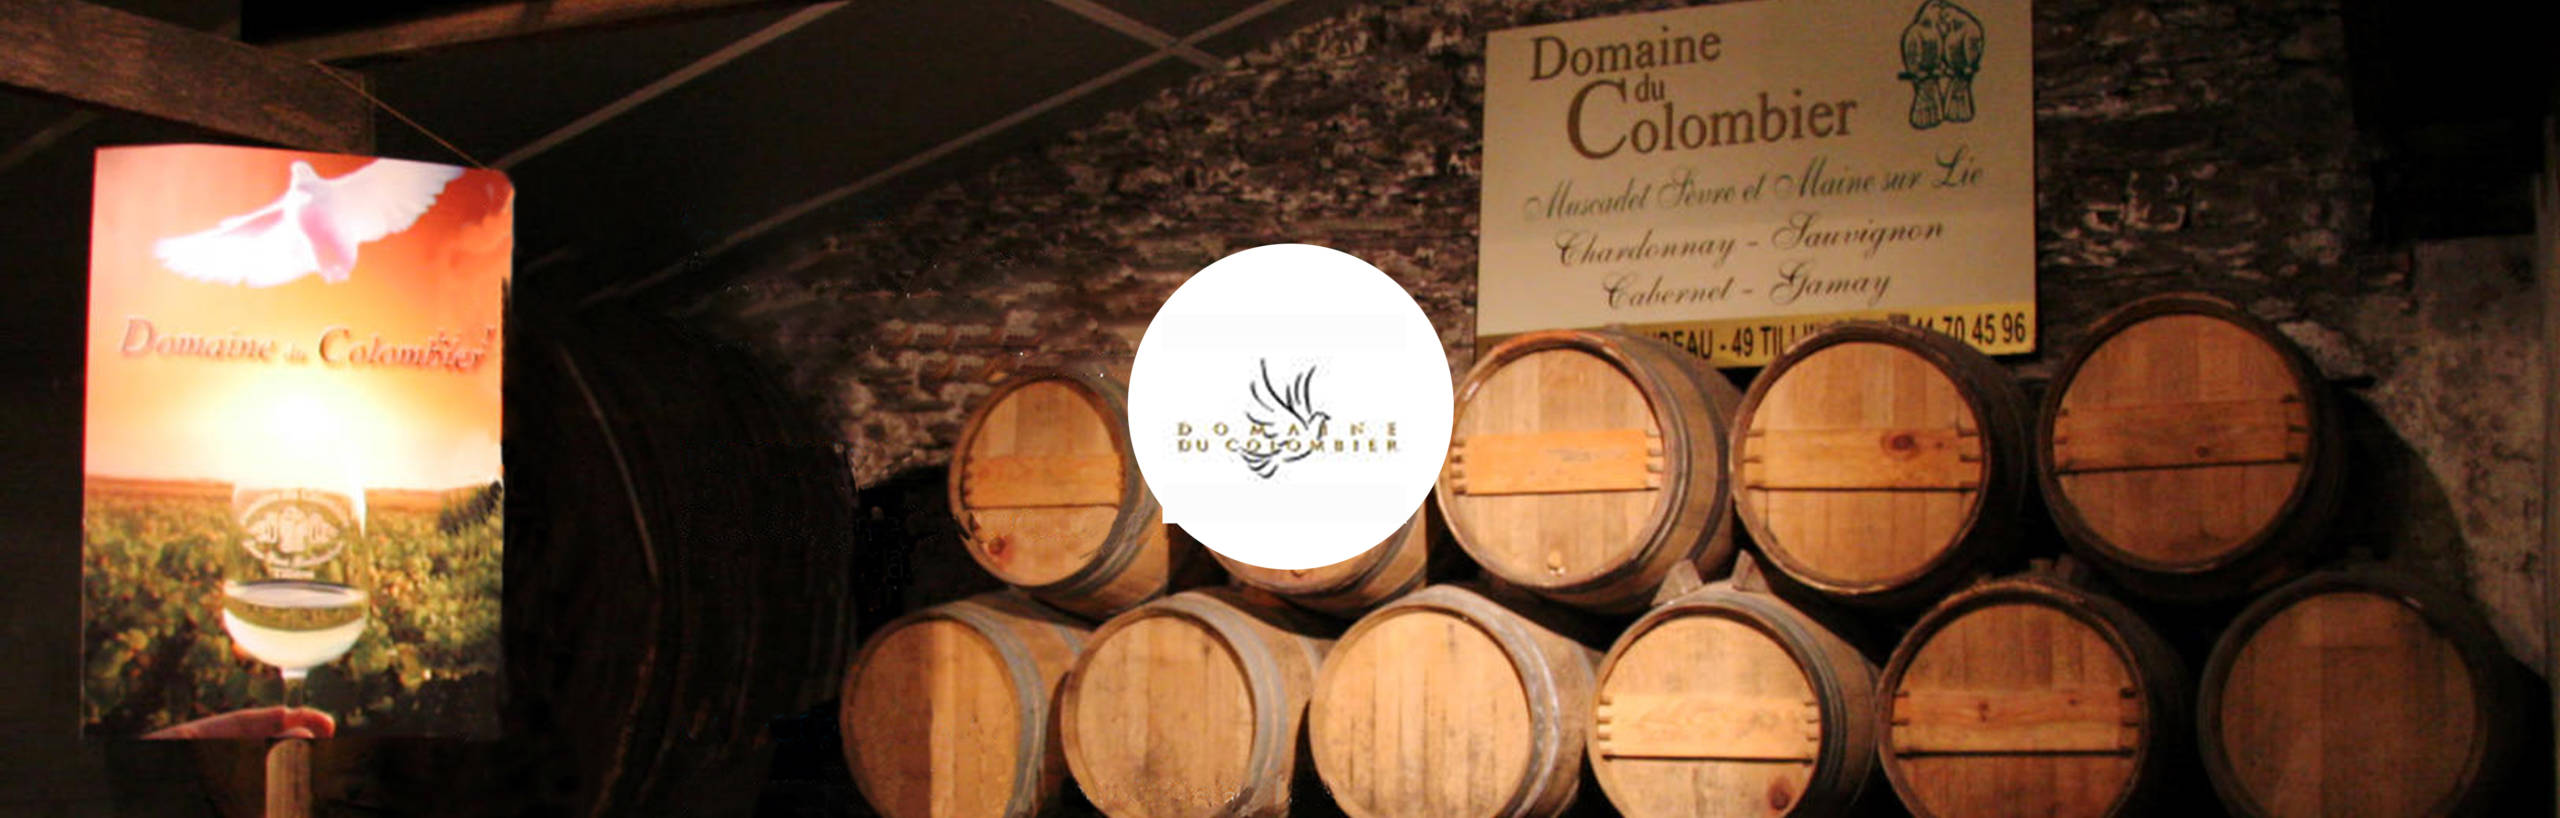 Weingut Domaine du Colombier Castello del Gusto